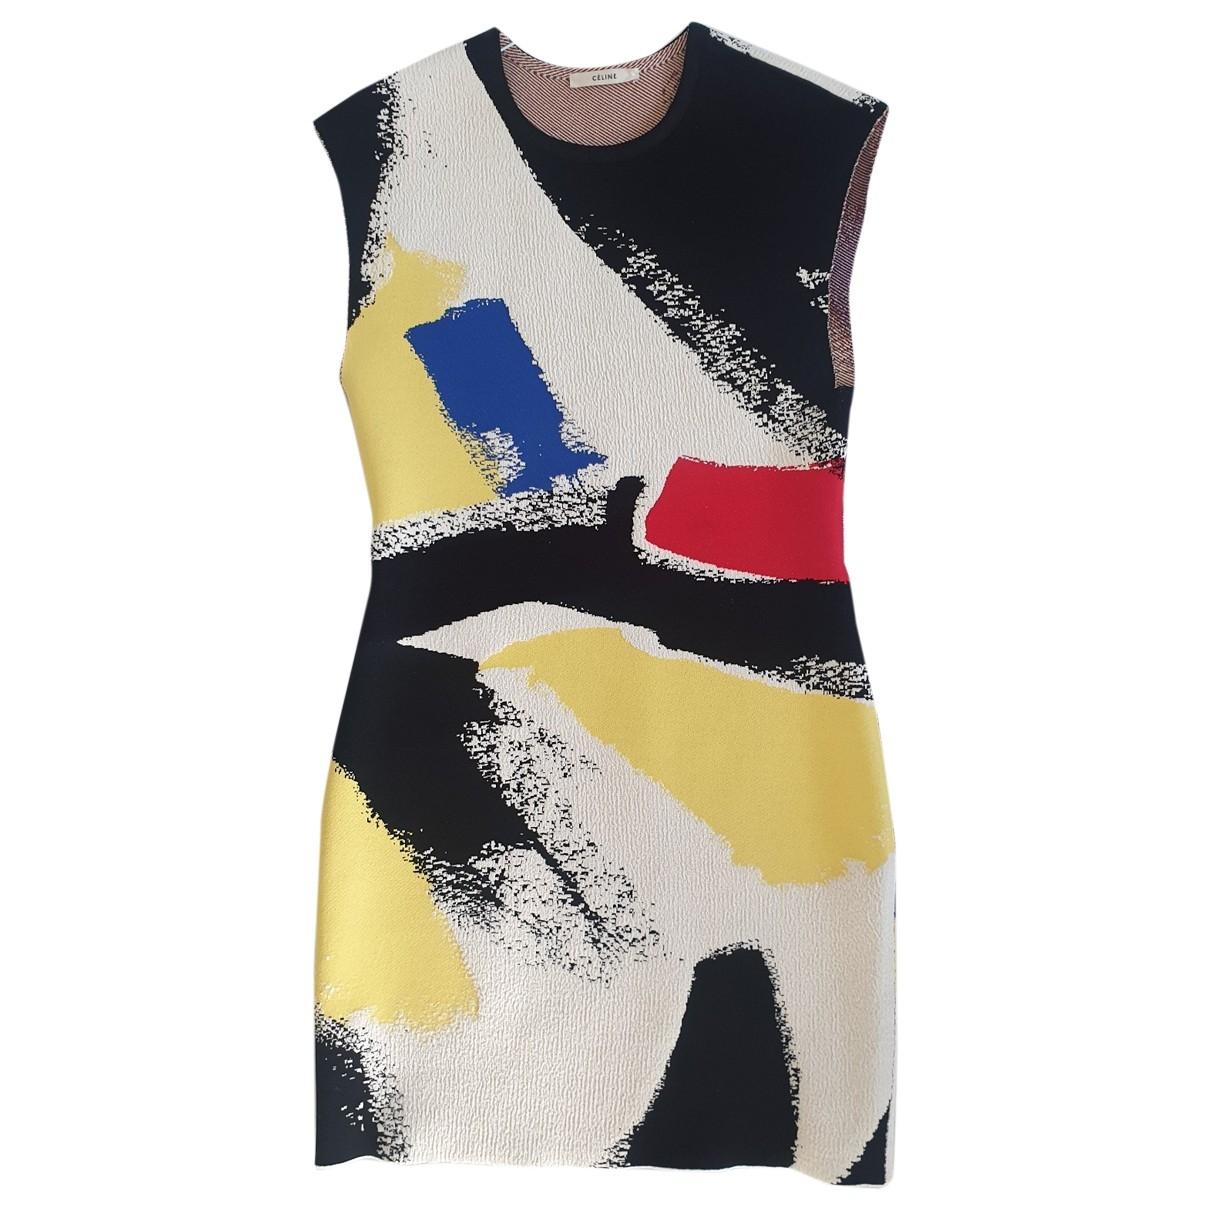 Celine \N dress for Women M International